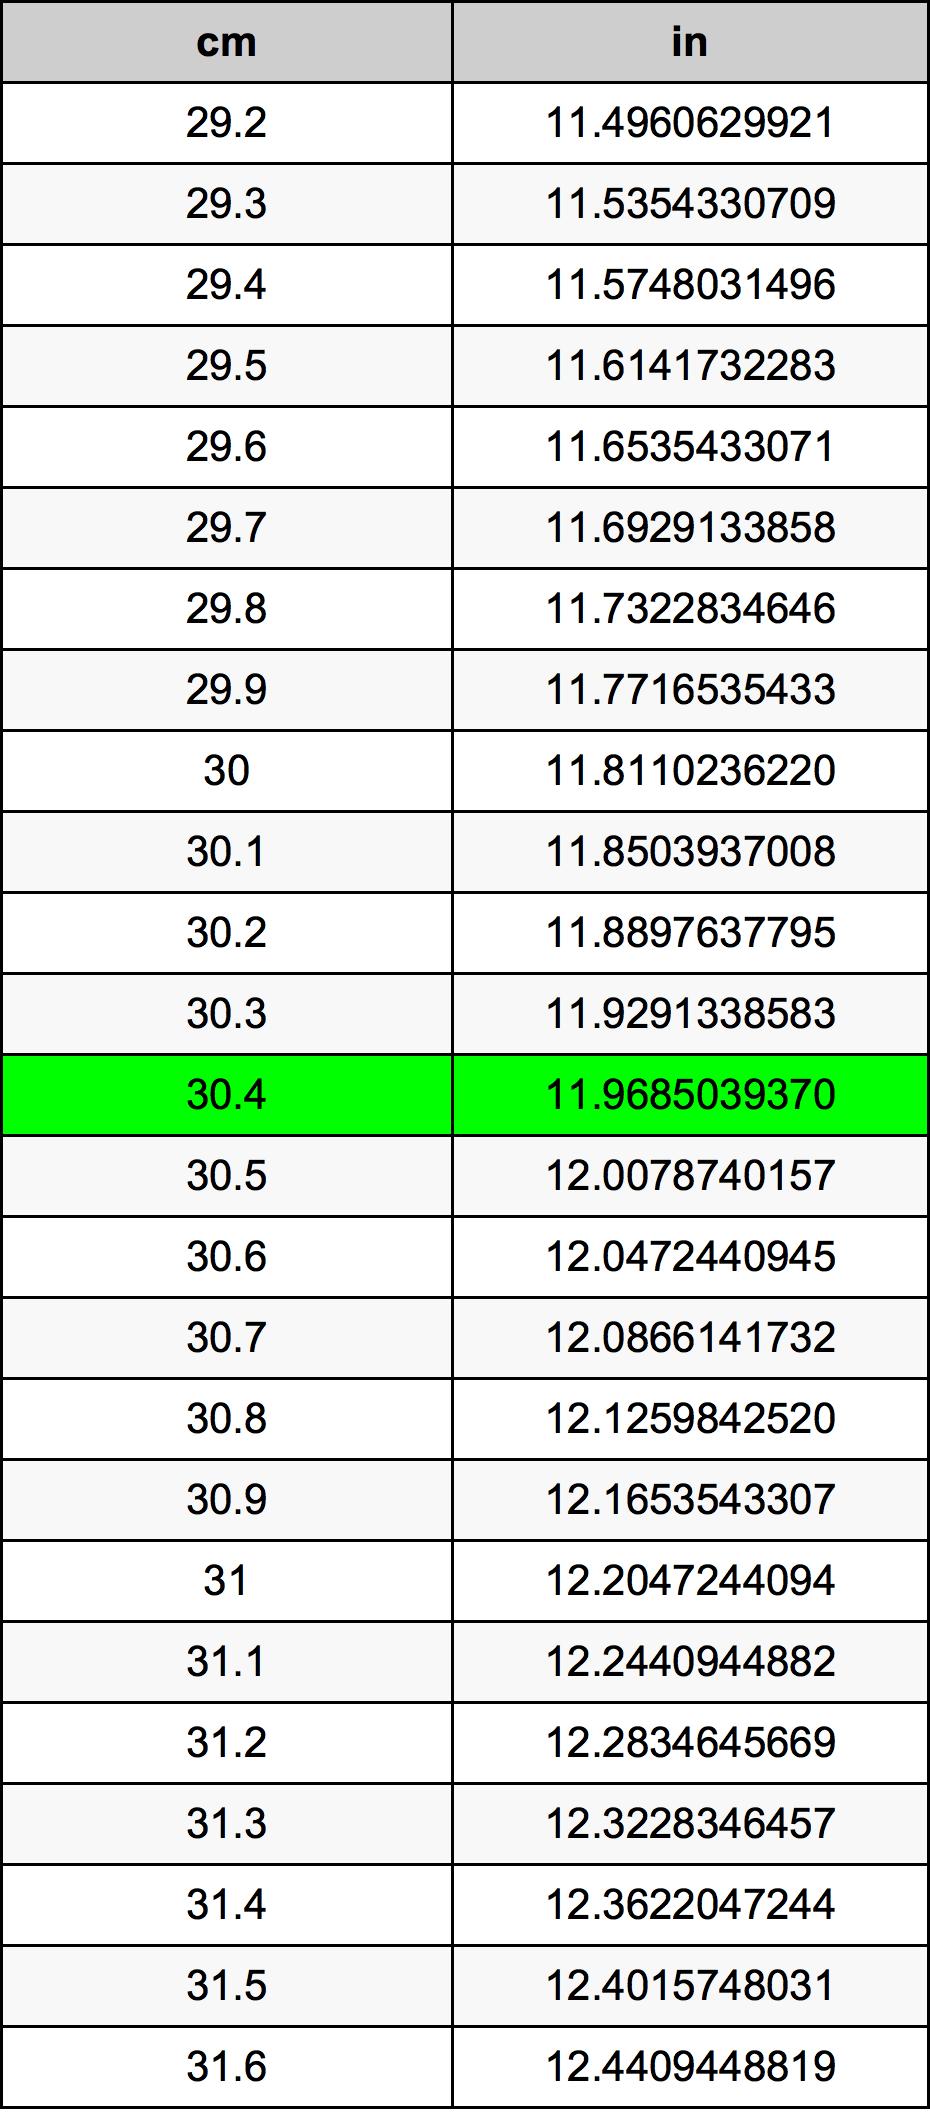 30.4厘米換算表